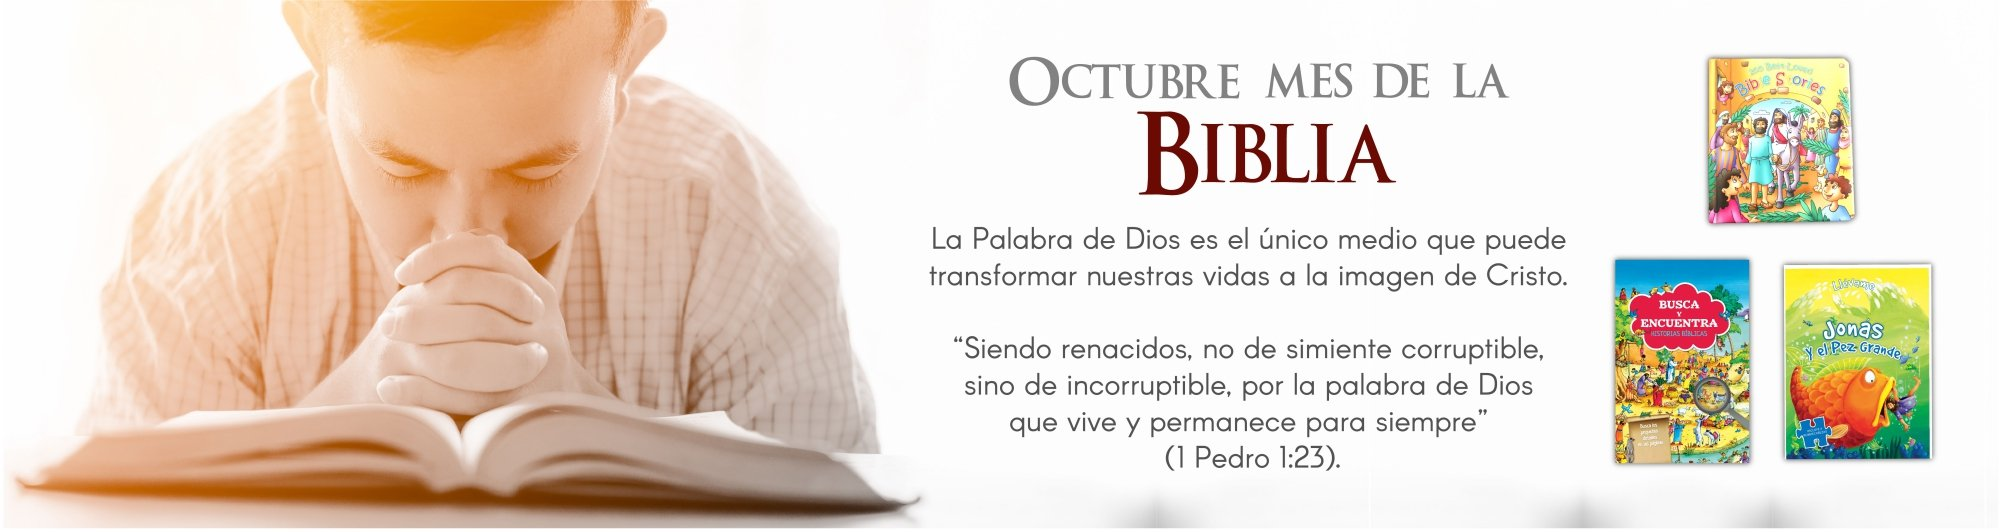 1 Mes de la Biblia